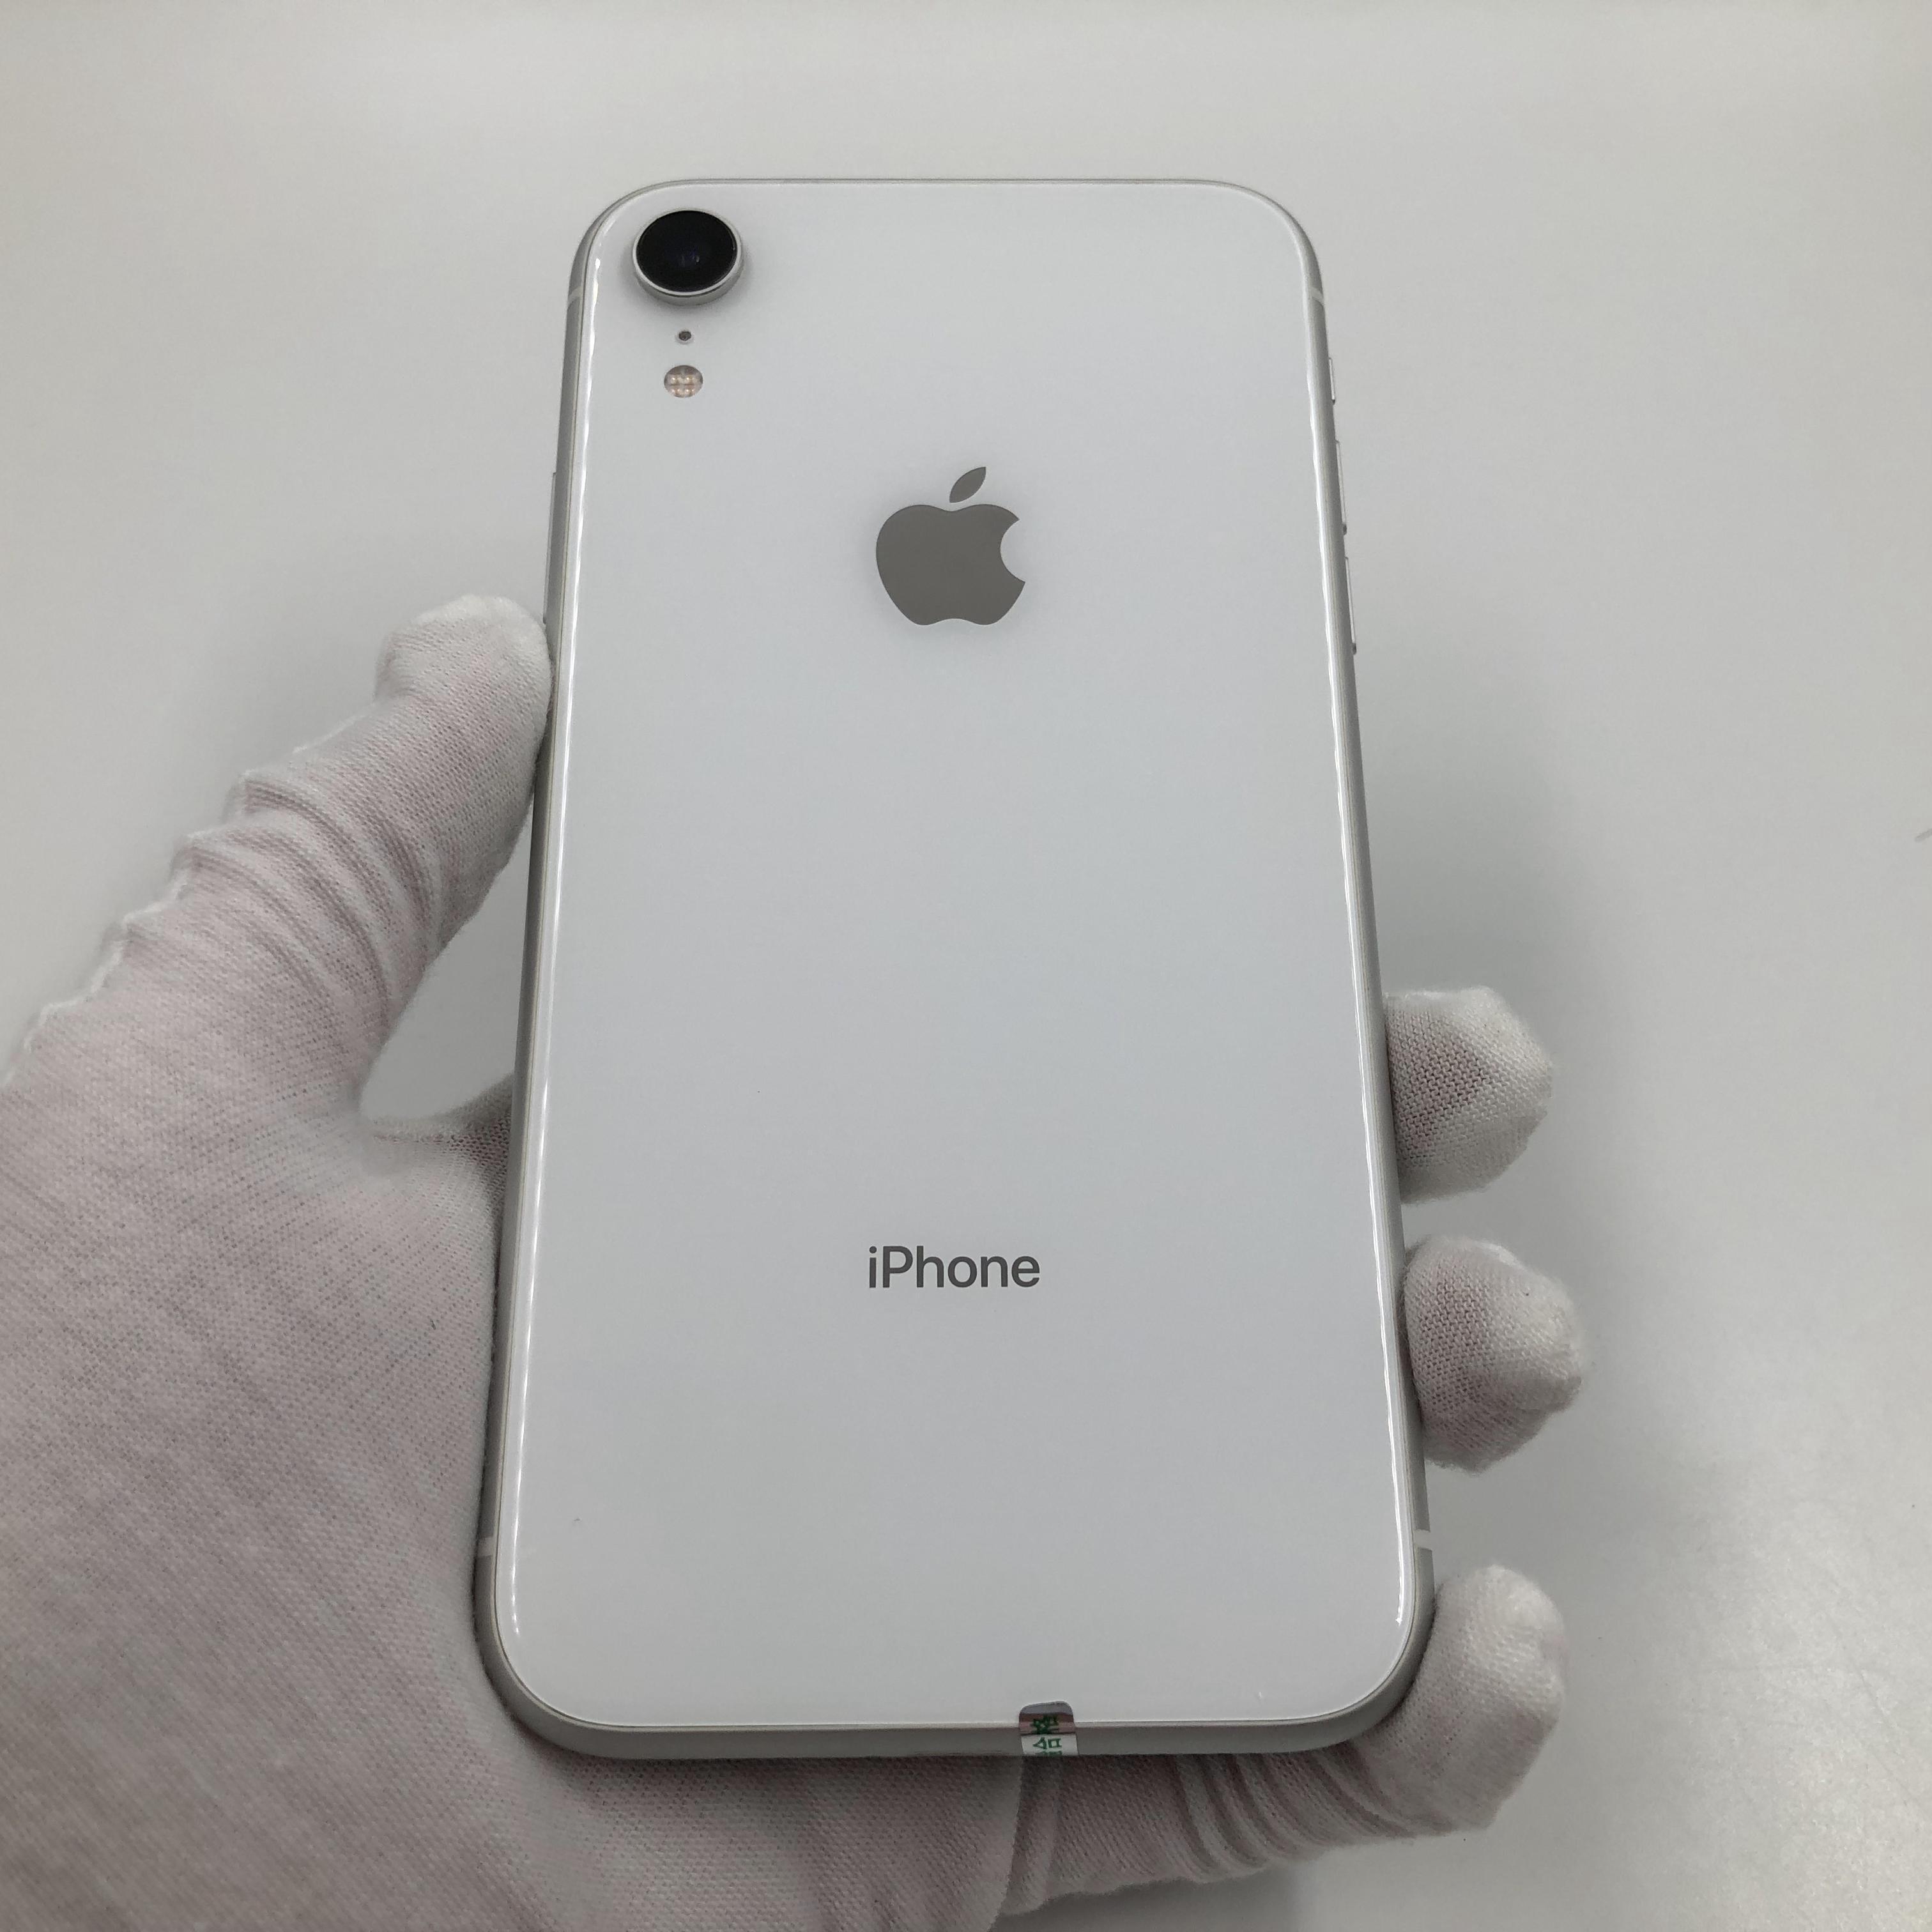 苹果【iPhone XR】移动 4G/3G/2G 白色 128G 国行 9成新 真机实拍